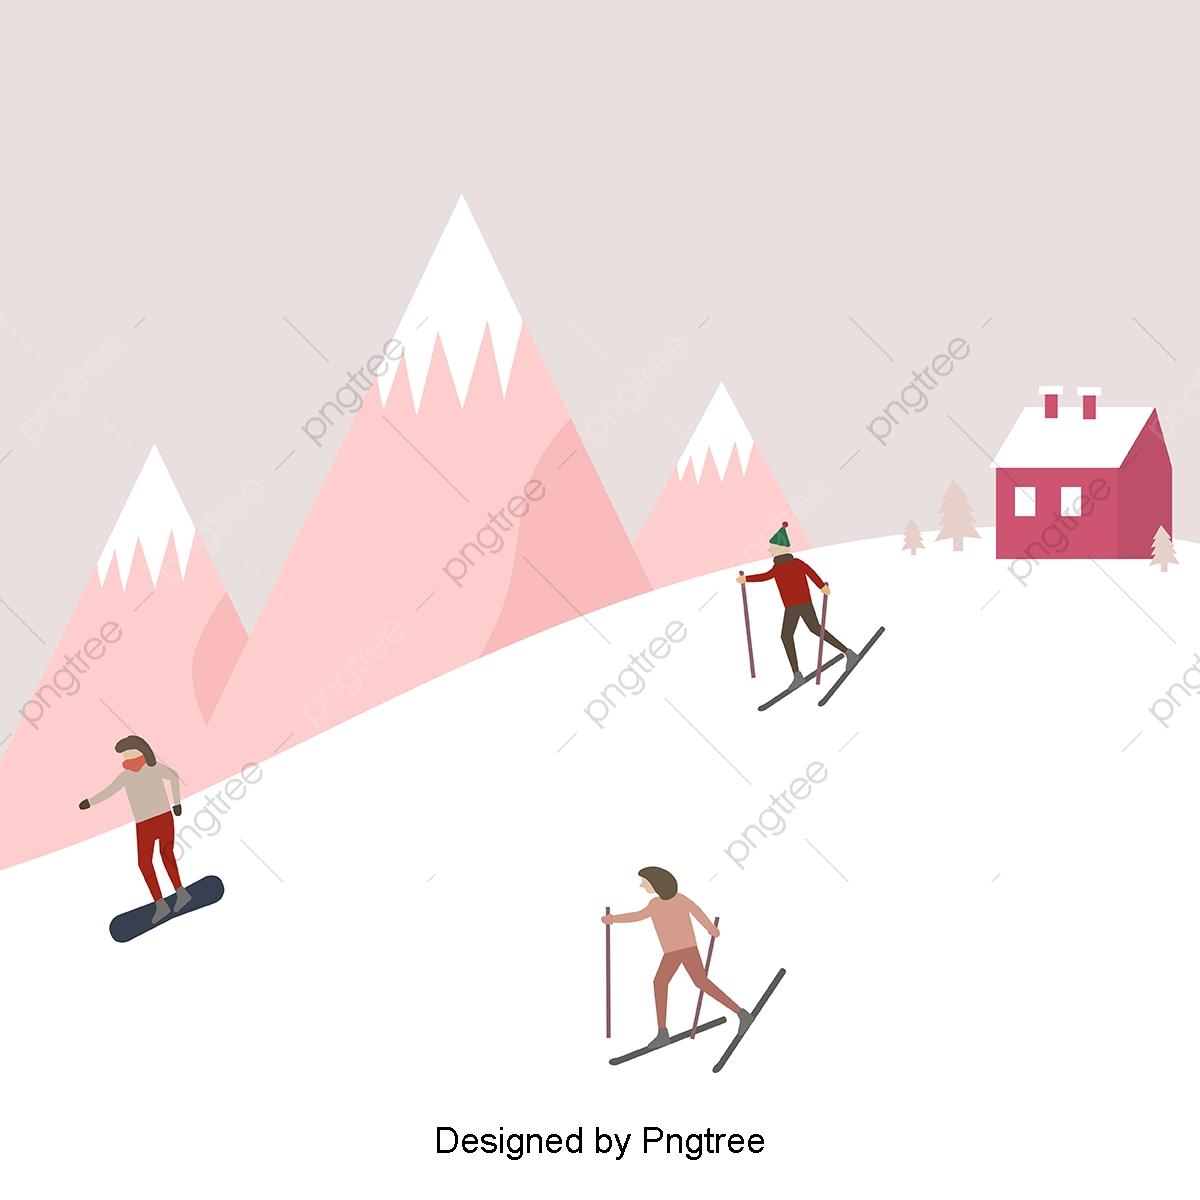 観光人物のスキーイラスト 簡素な約束 スノーボード 数字画像素材の無料